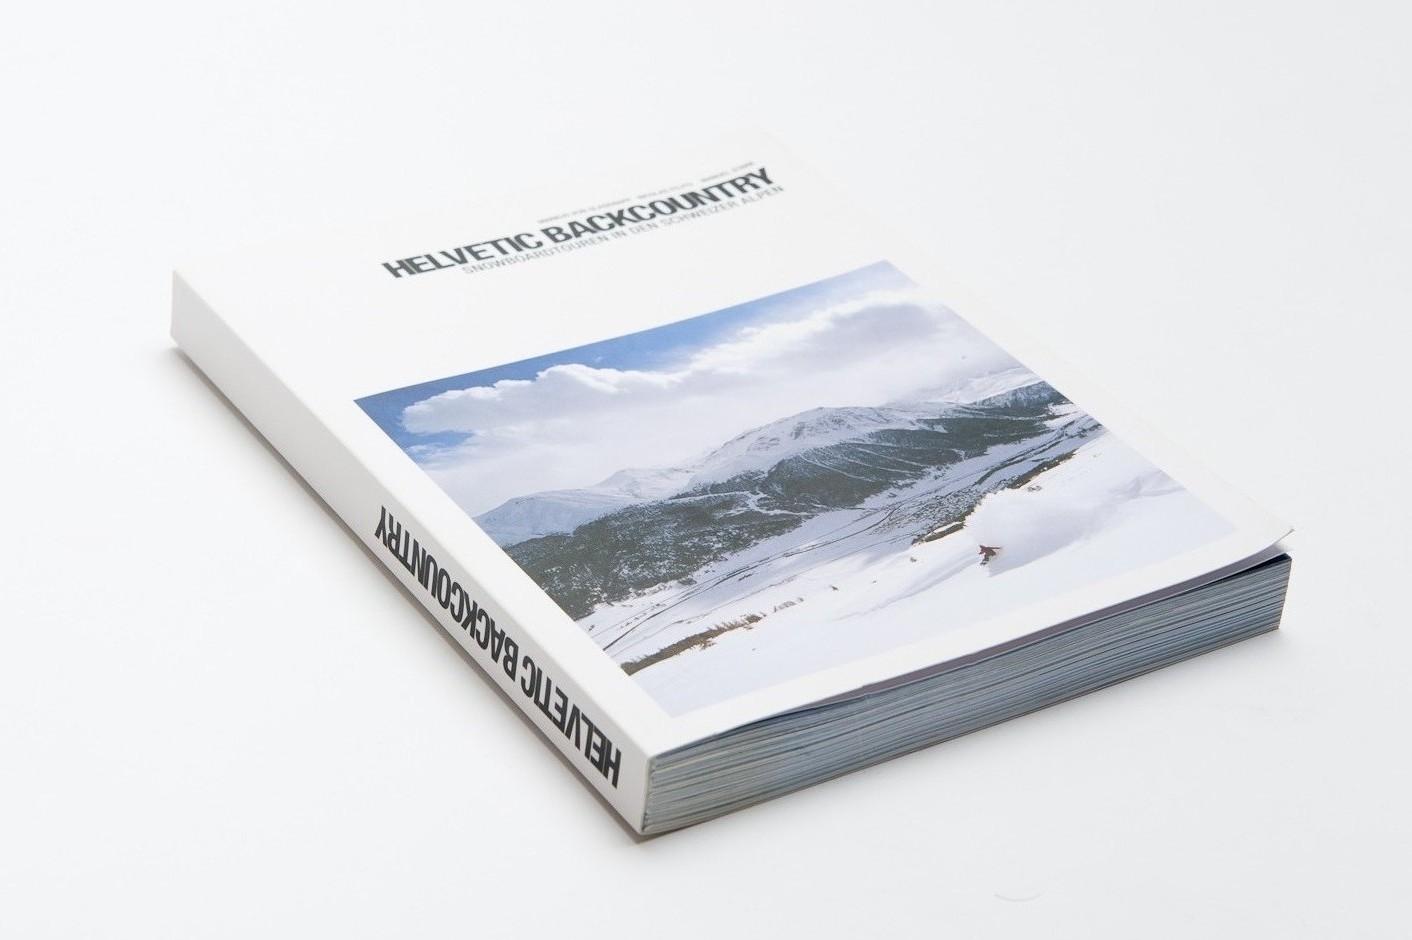 17 x 21cm, 336 Seiten, Softcover